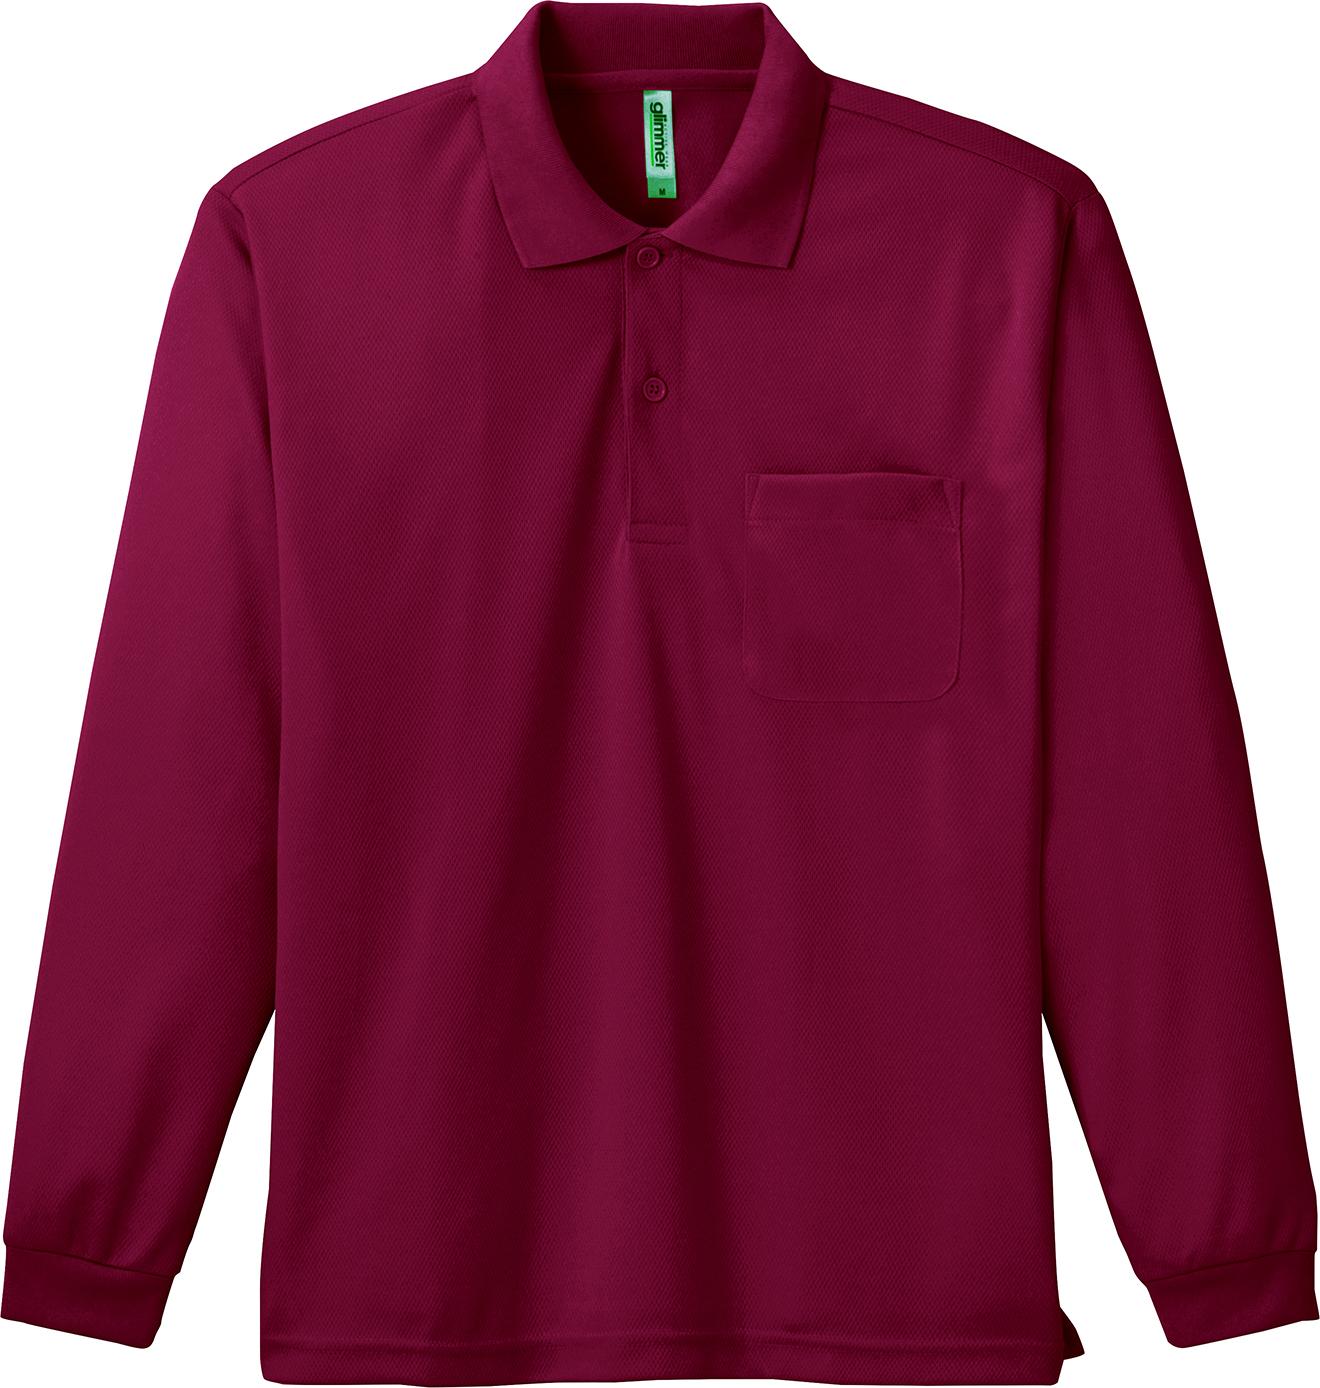 00335-ALP 刺繍ポロシャツ